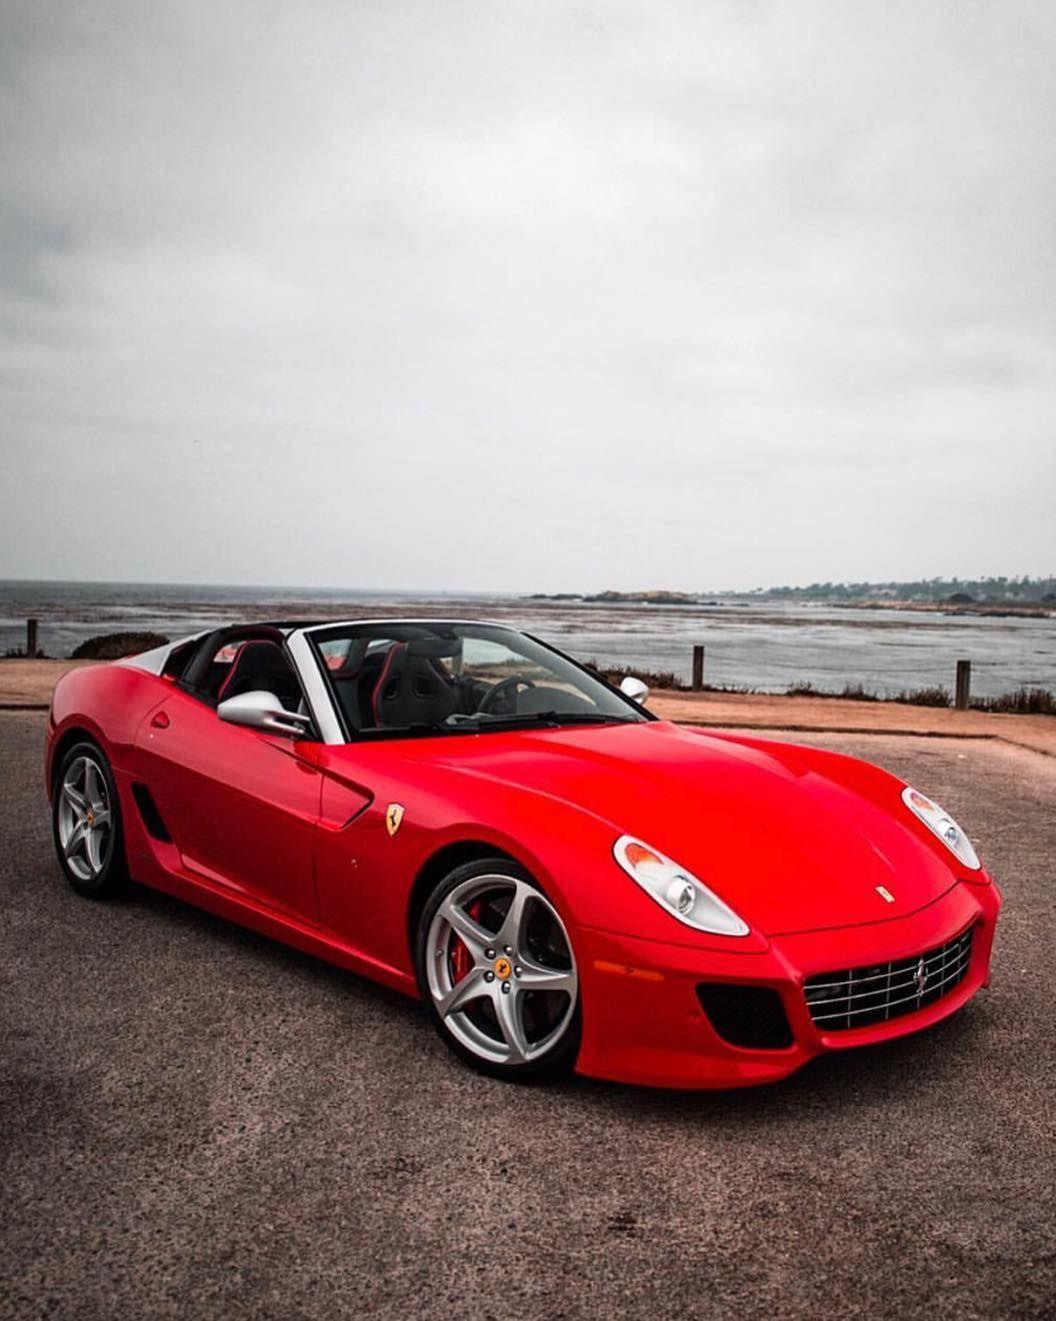 Ferrari 3, Ferrari, Ferrari car